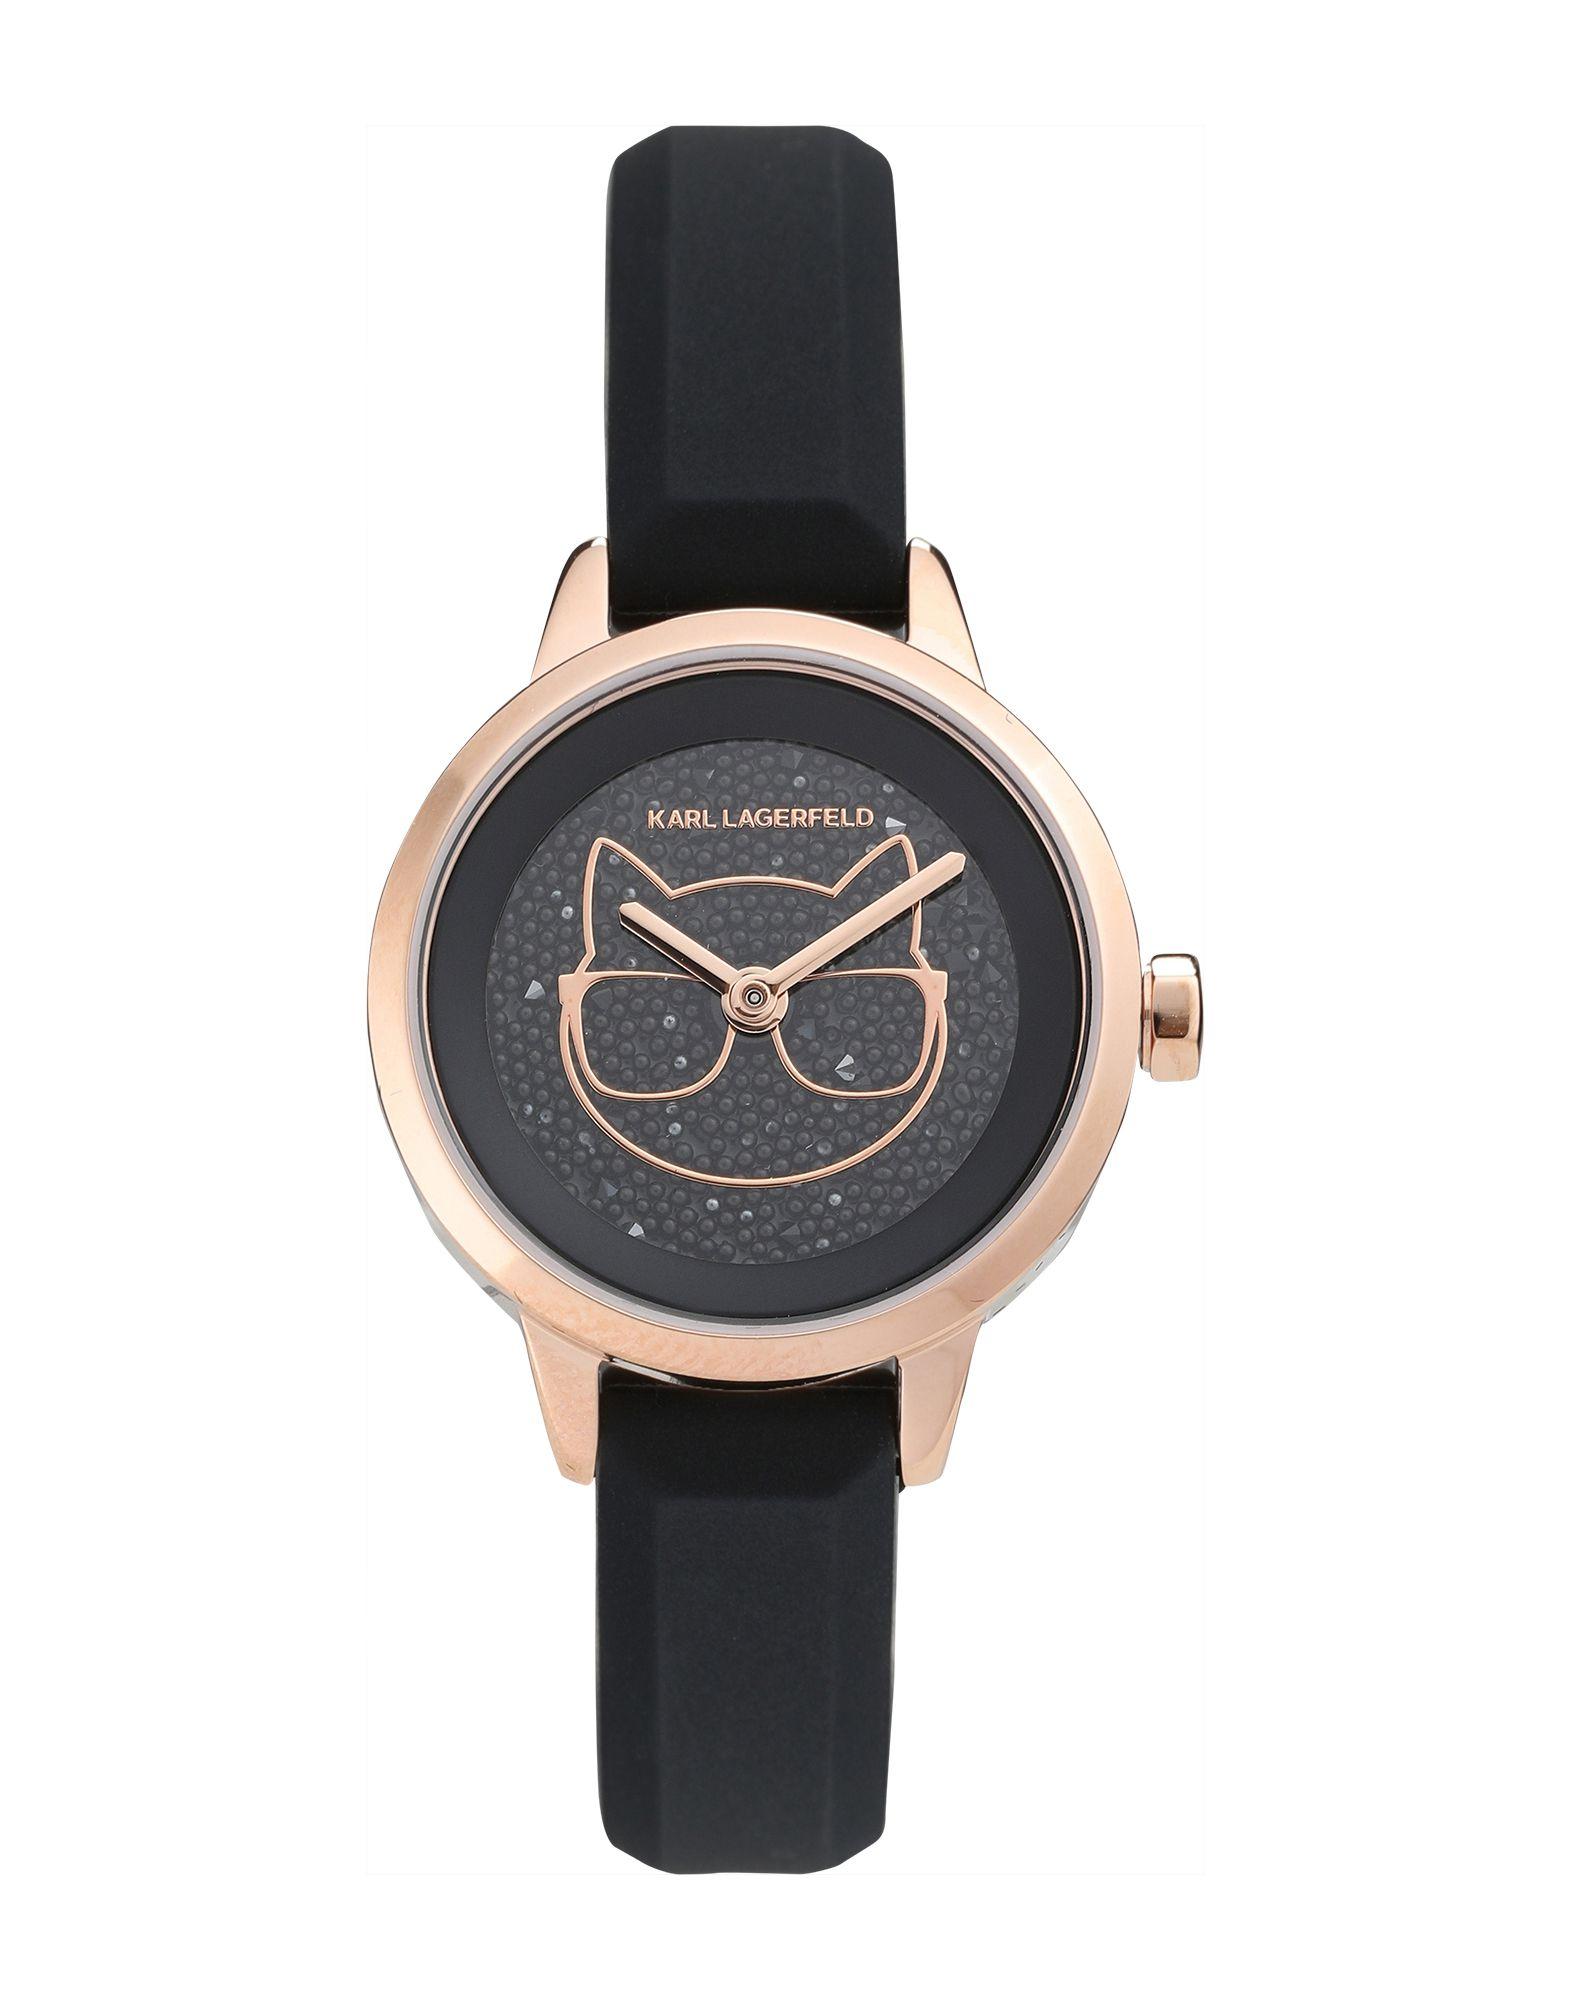 《セール開催中》KARL LAGERFELD レディース 腕時計 ブラック 真鍮/ブラス / シリコン / スワロフスキー PETITE CHOUPETTE SILICONE STRAP